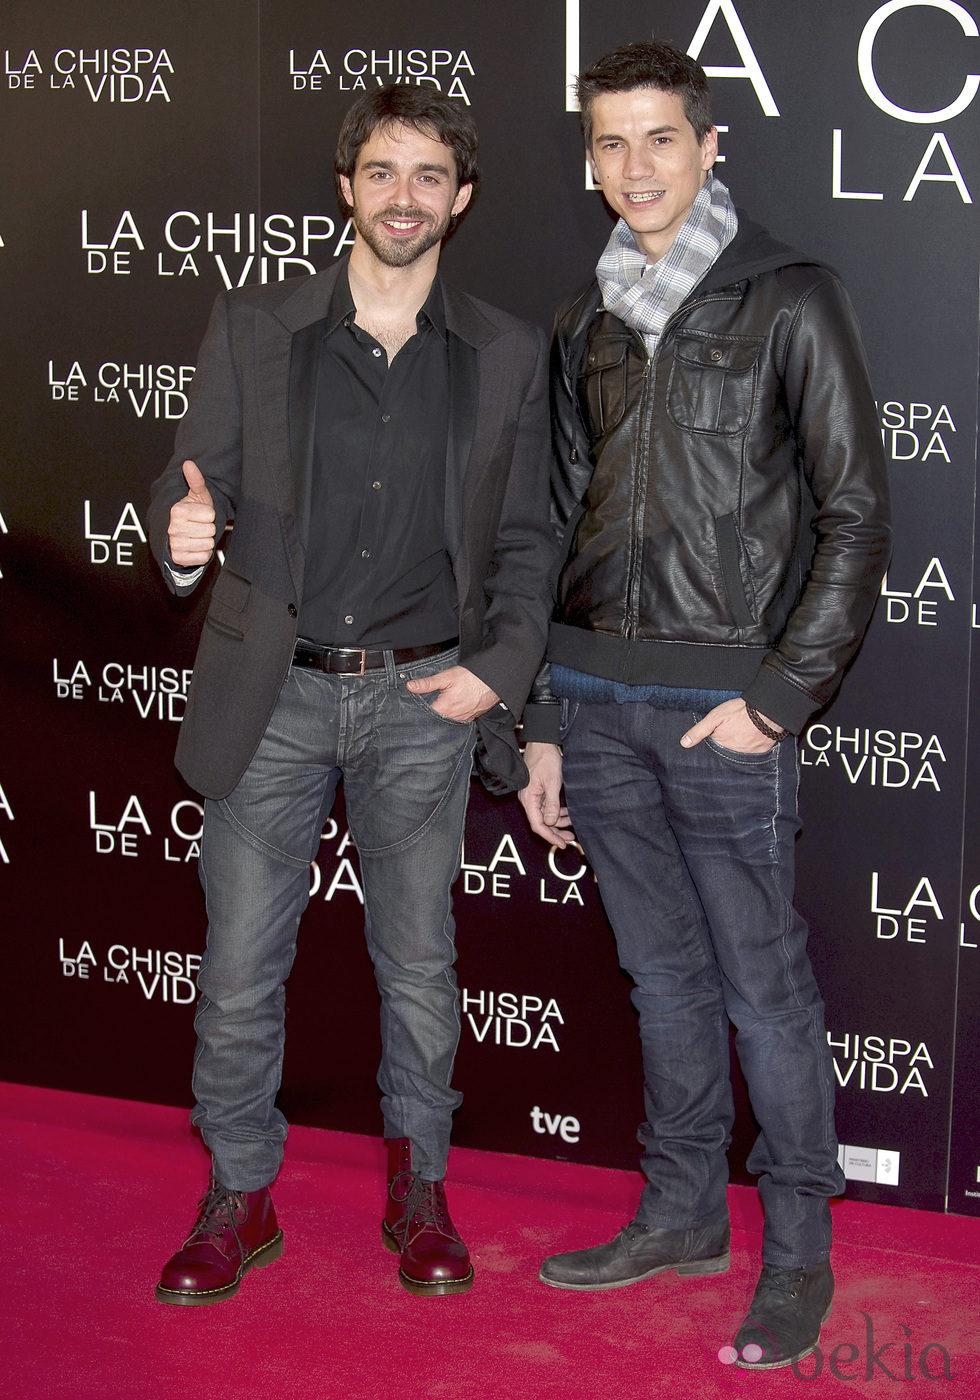 Alberto Amarilla y Marco Martínez en el estreno de \'La chispa de la ...